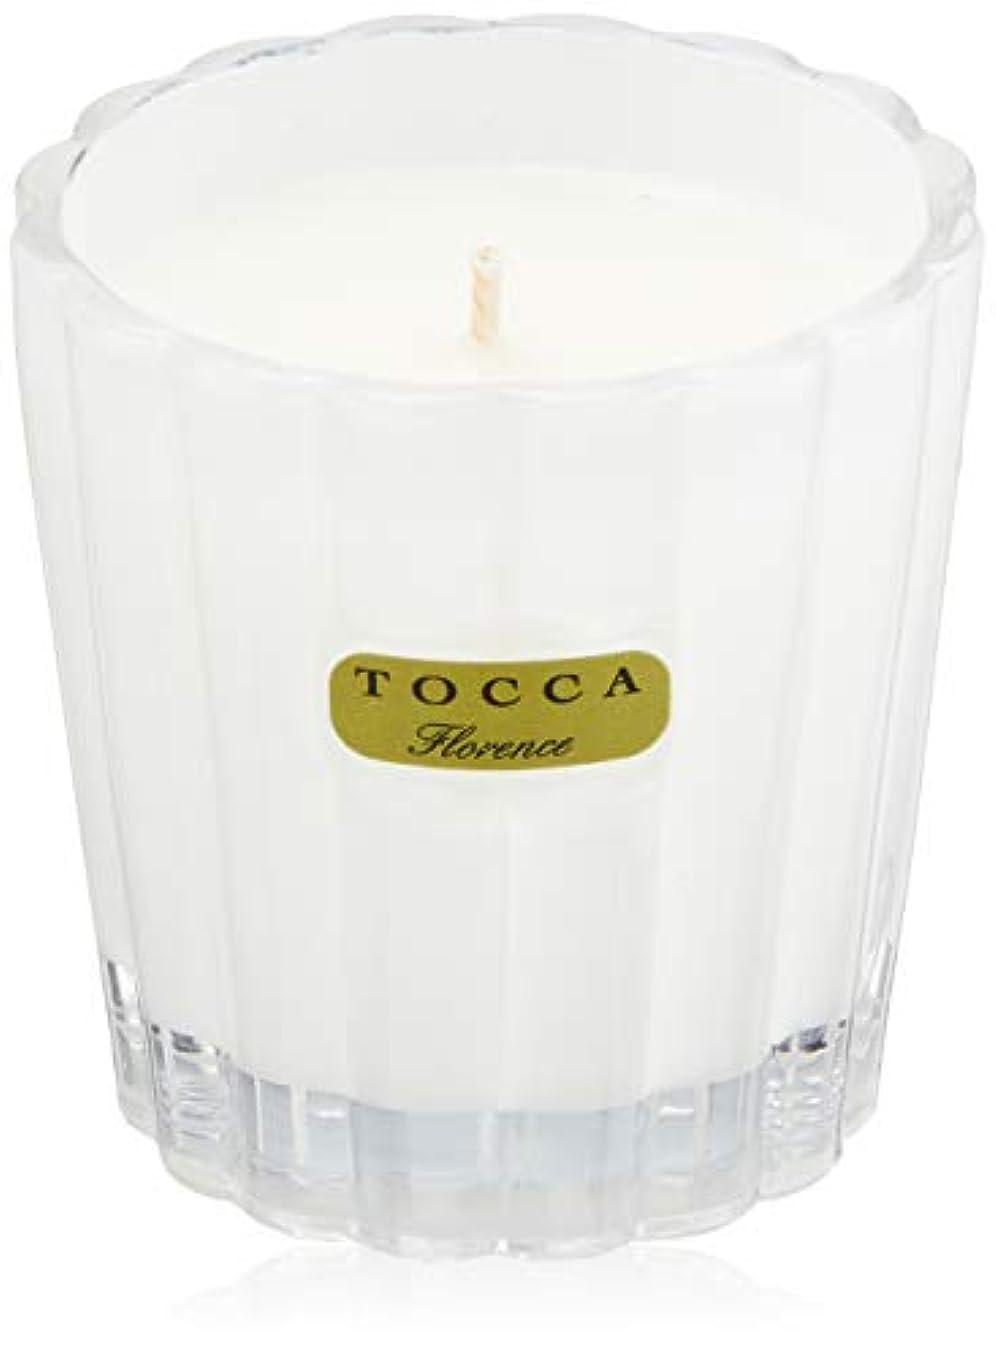 凍った昇進ばかトッカ(TOCCA) キャンデリーナ フローレンスの香り 約85g (キャンドル ろうそく 上品なフローラルの香り)